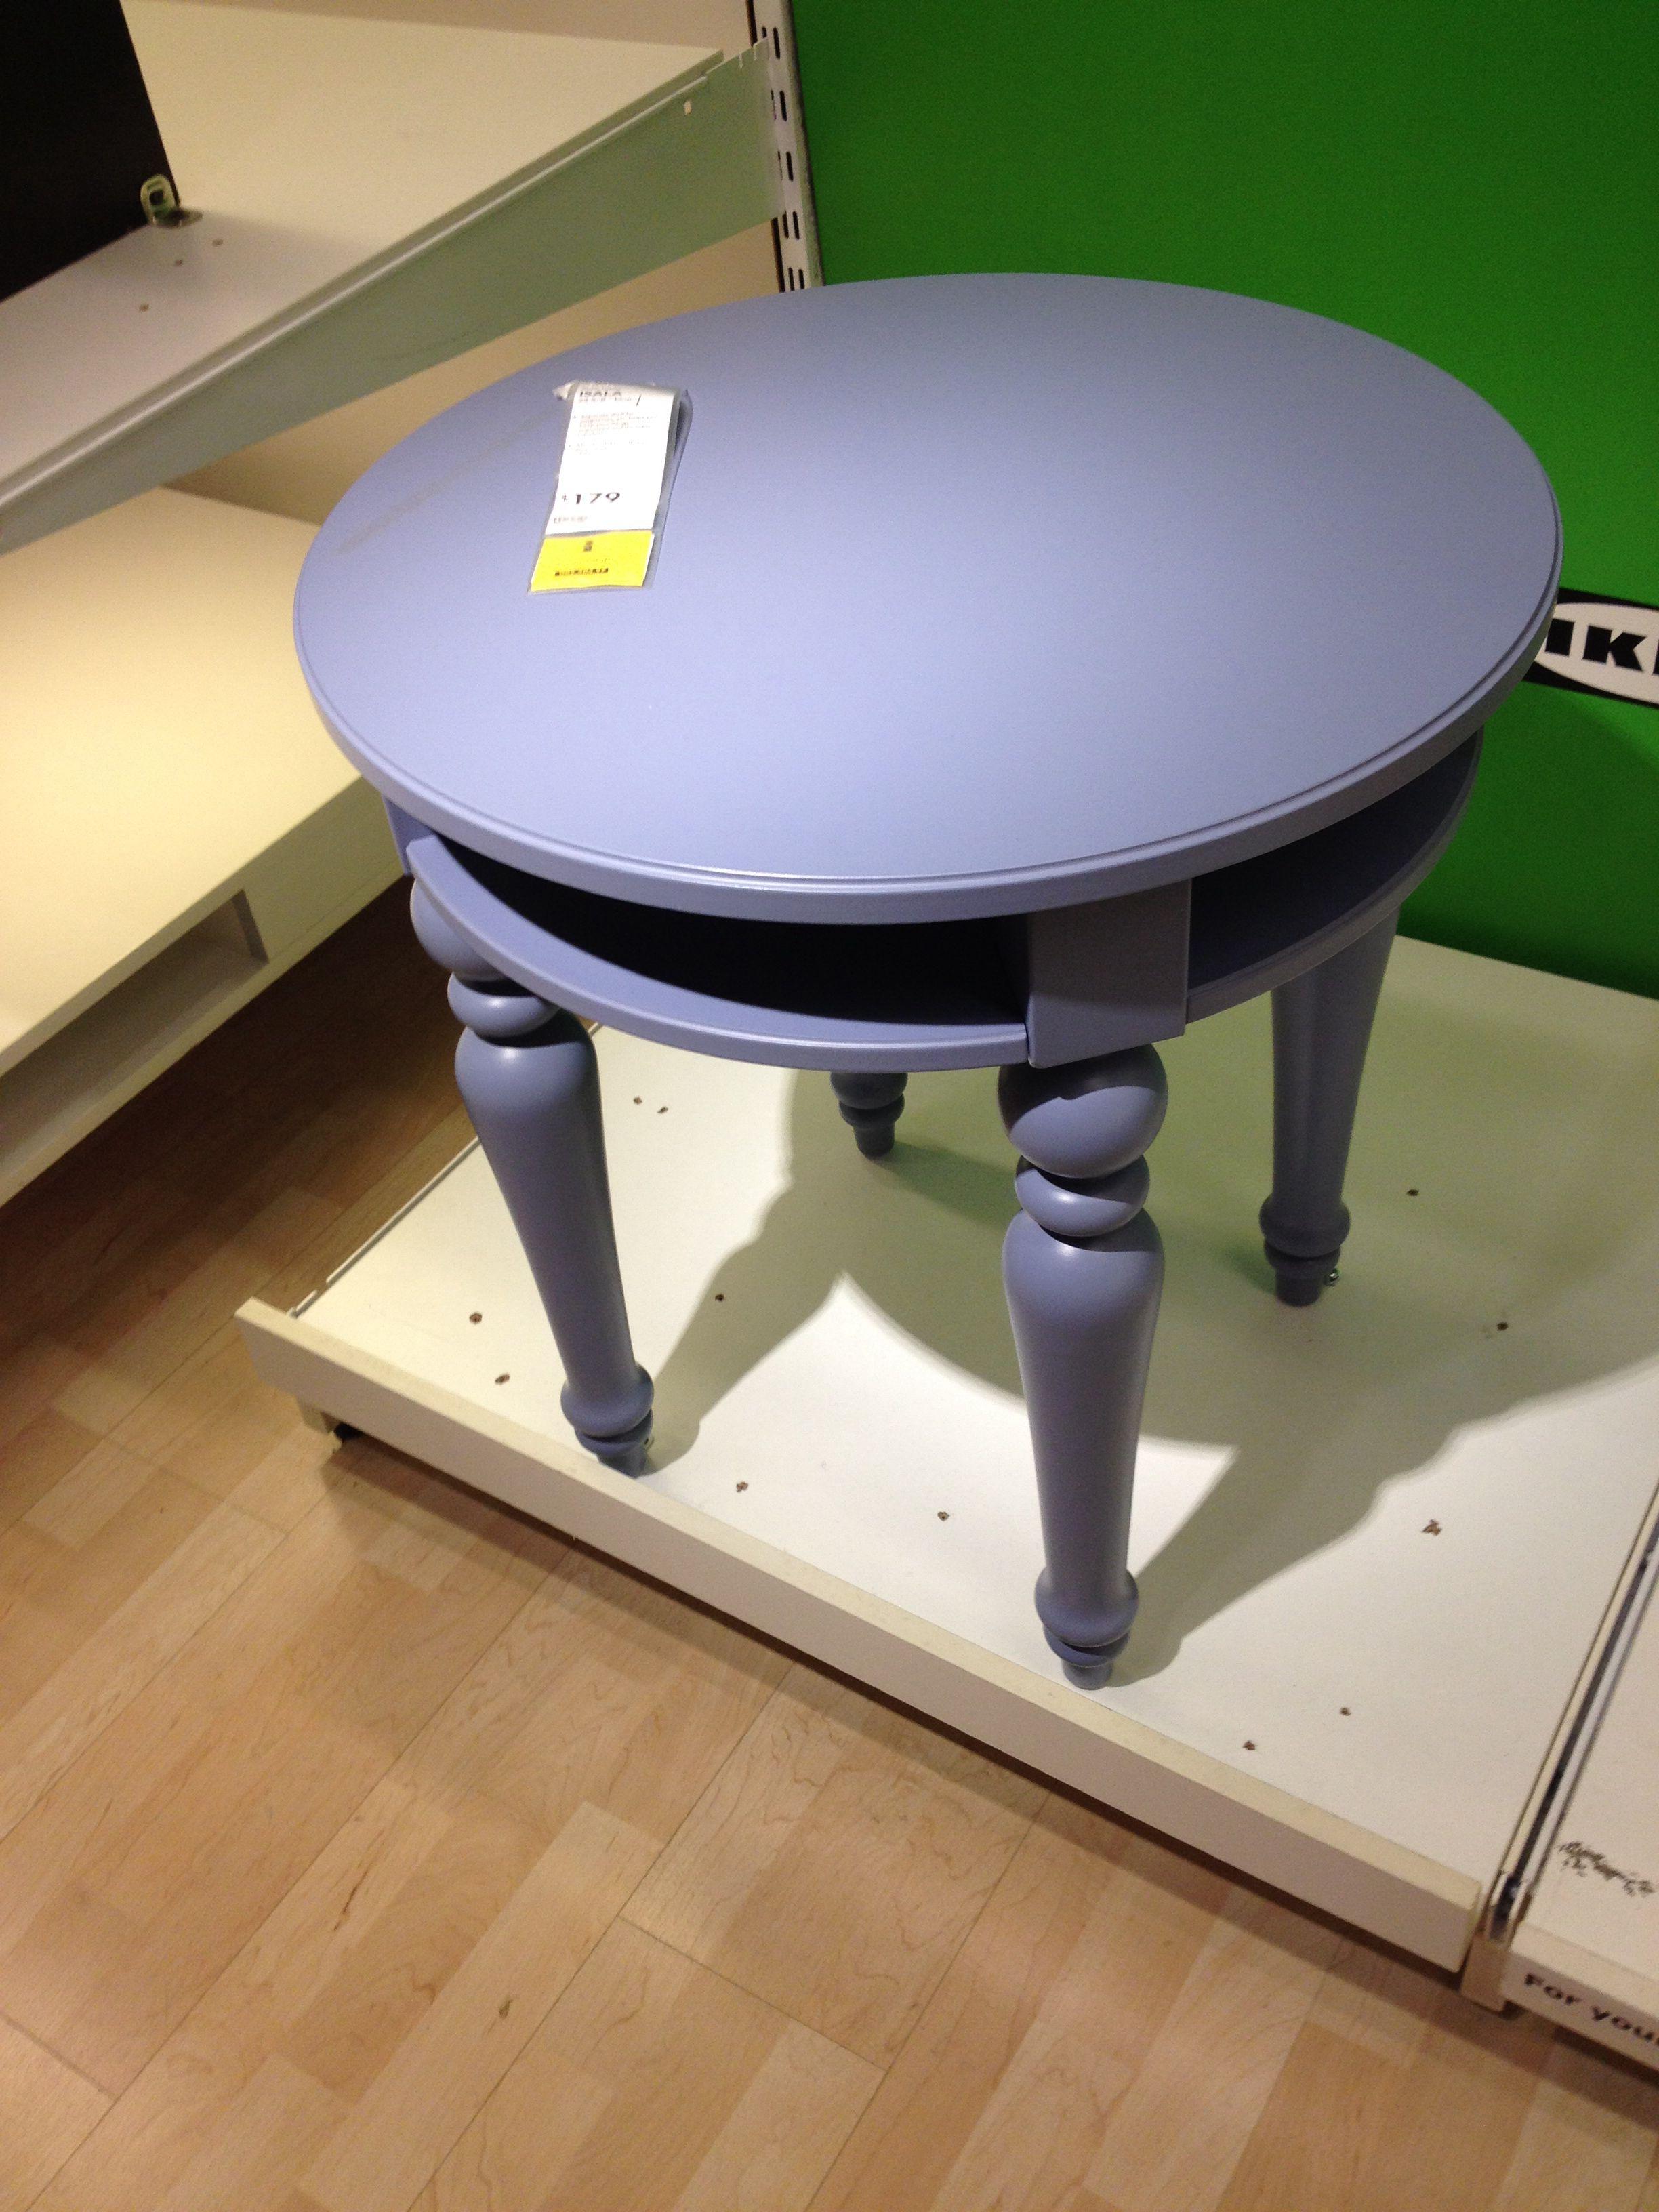 Cute night stand IKEA Furniture, Ikea nightstand, Coffee